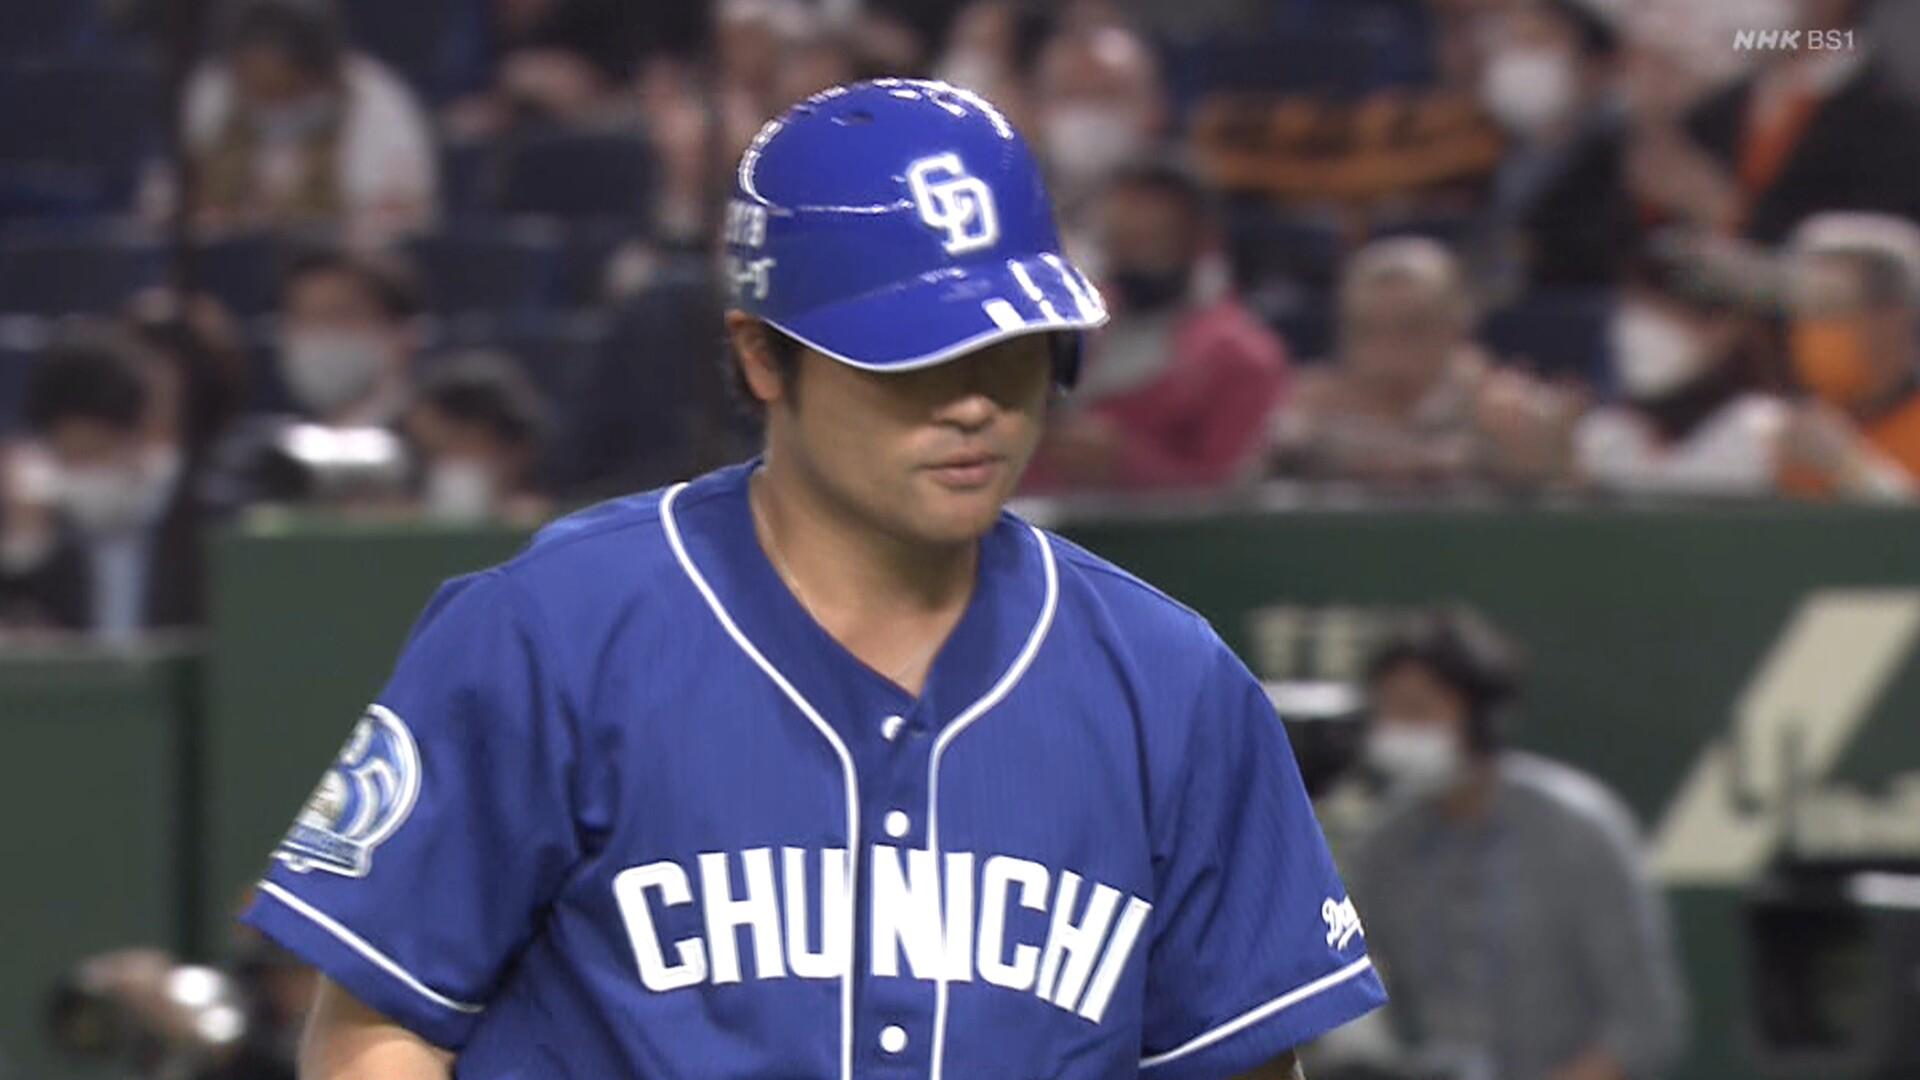 和田一浩さん「平田はなんのためにバットを持っているのか、思わず問い掛けたくなった」